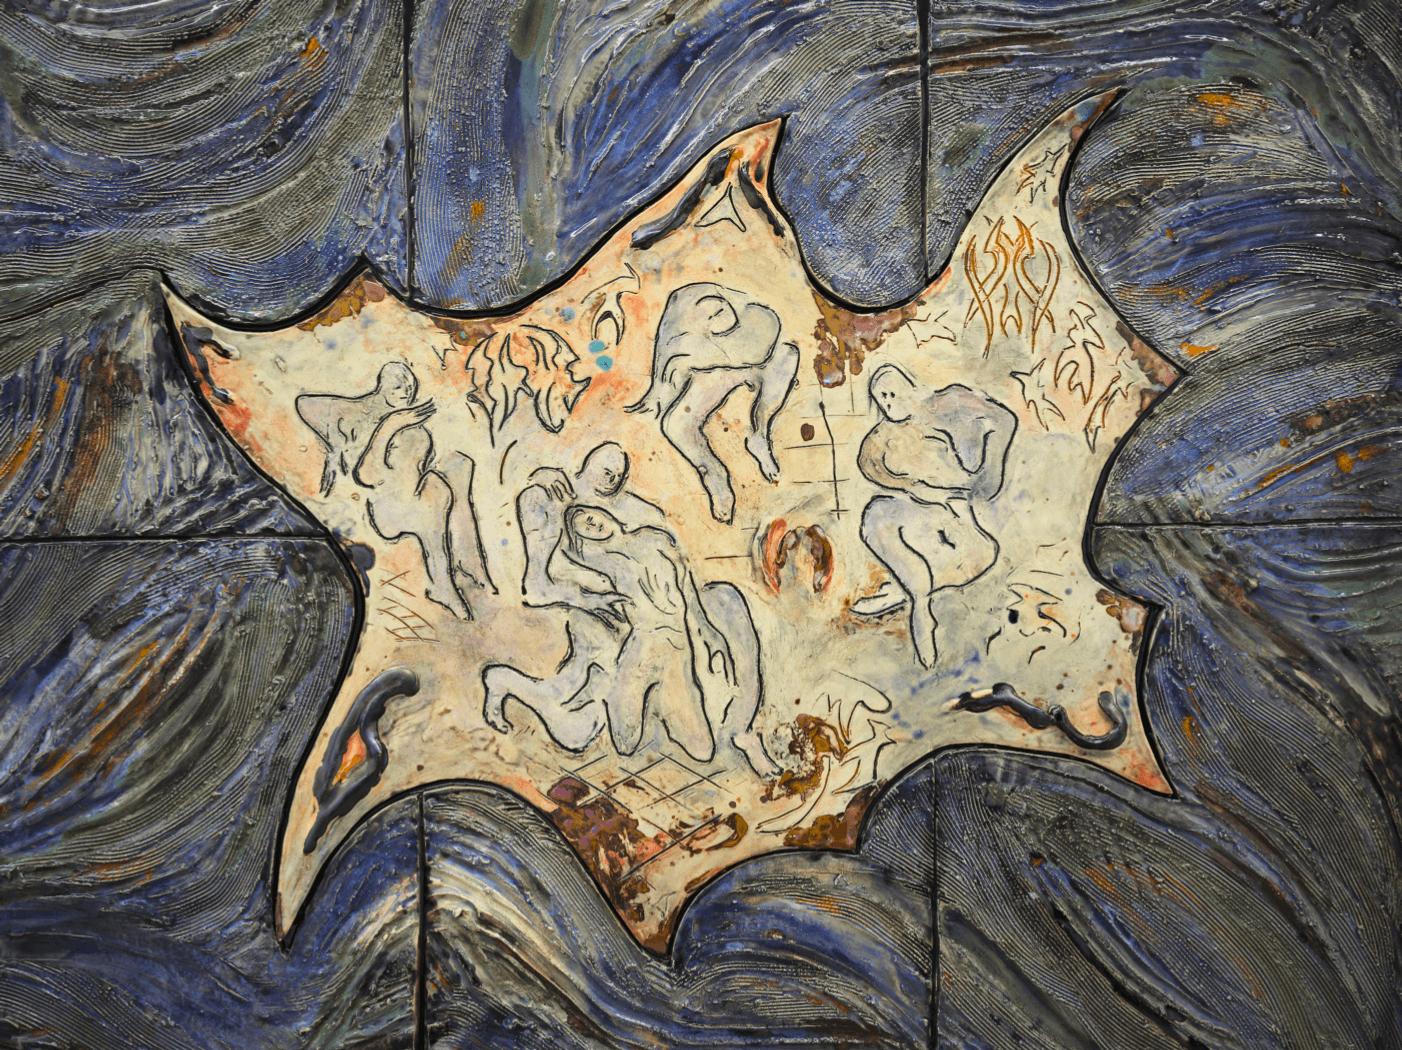 Keramik von Monika Grabuschnigg. Wie in einer Höhle sitzen menschenartige Körper allein und ineinander verschlungen.